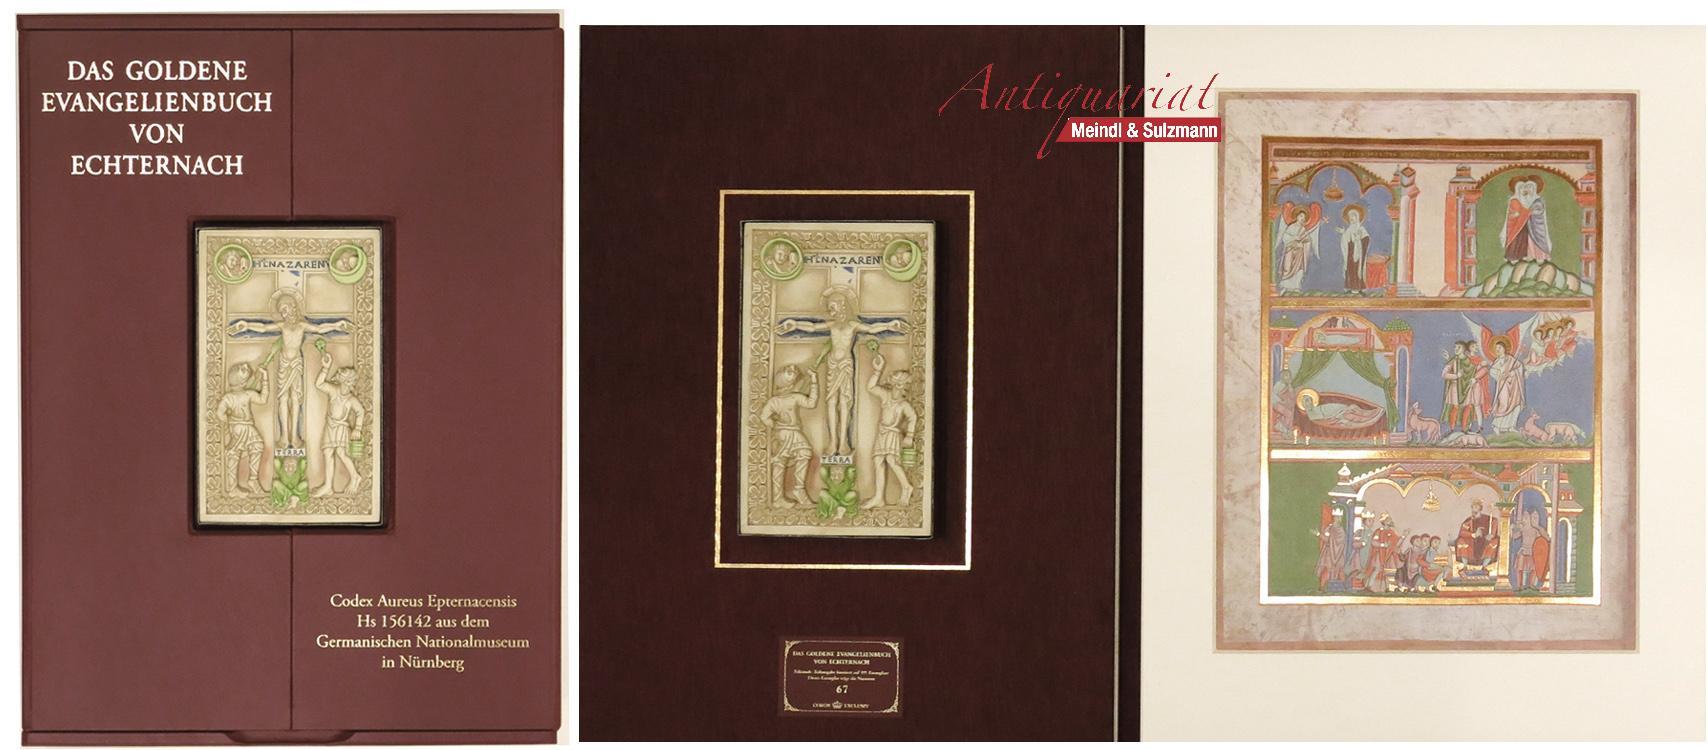 Das Goldene Evangelienbuch von Echternach. Faksimile-Teilausgabe vin: Goldenes Evangelienbuch von